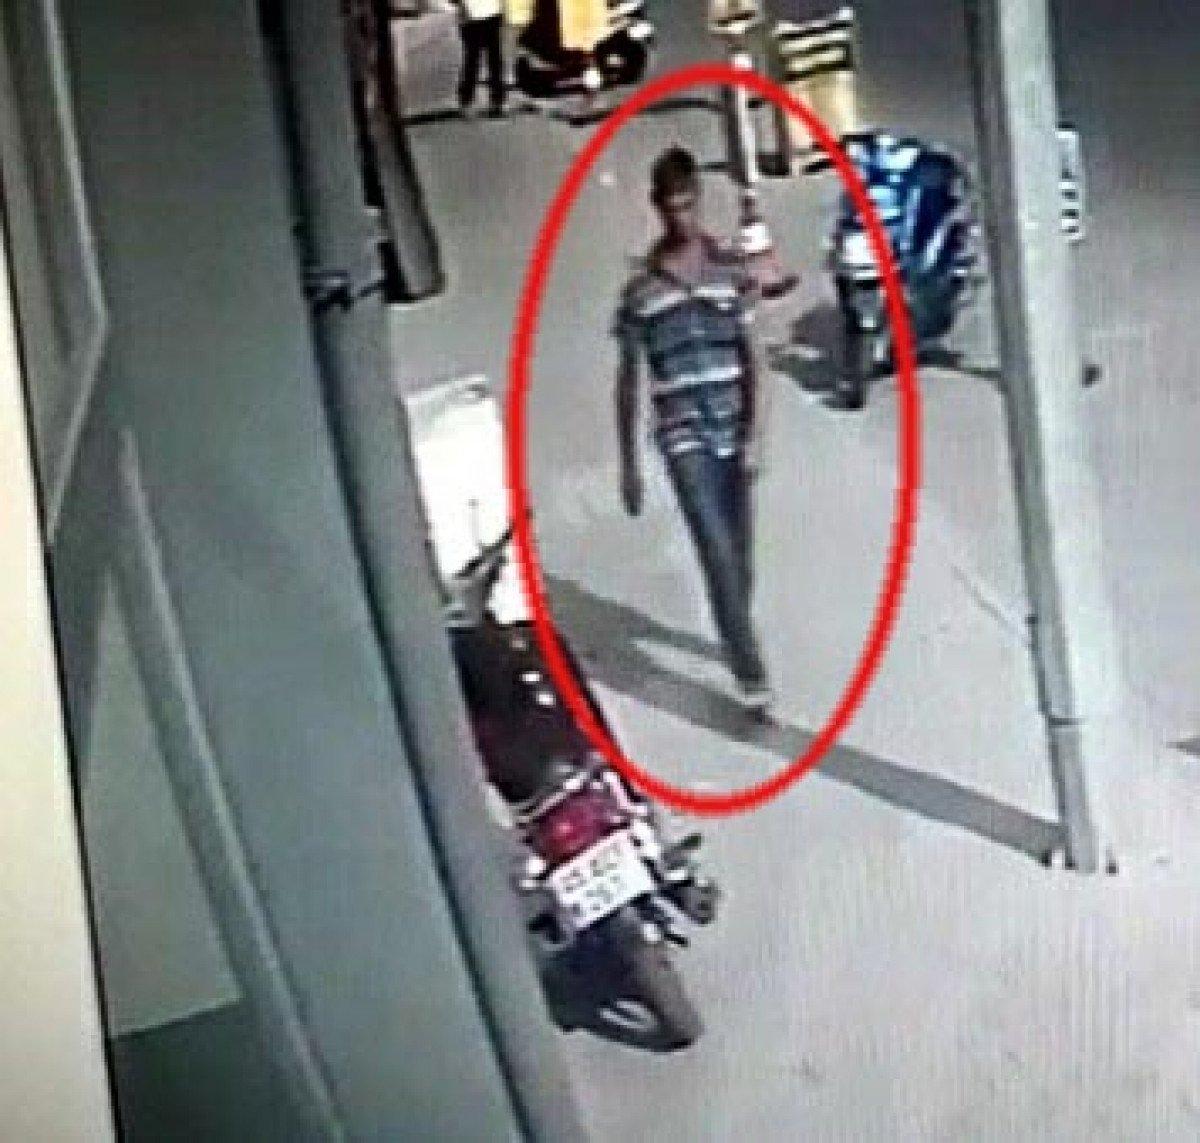 Manisa'da 2 kız çocuğuna cinsel istismarda bulundu, tutuklandı  #3